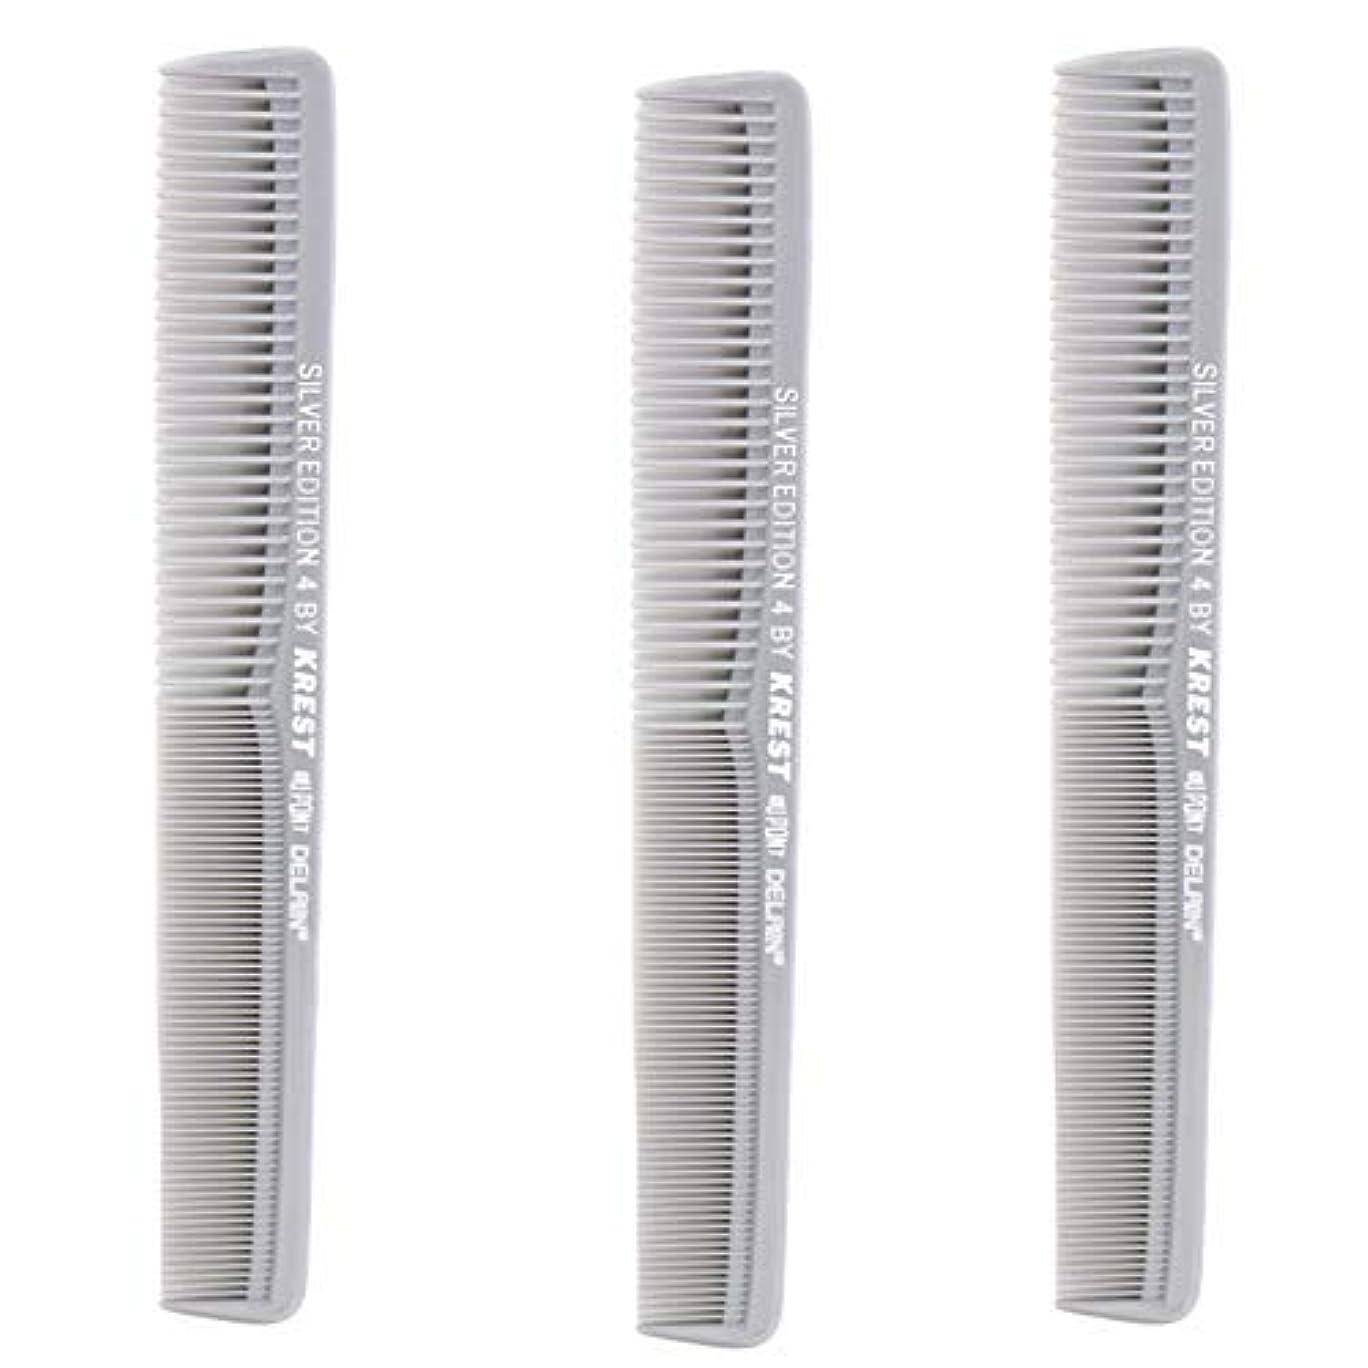 火曜日第九間Krest Comb 7 In. Silver Edition Heat Resistant All Purpose Hair Comb Model #4 [並行輸入品]